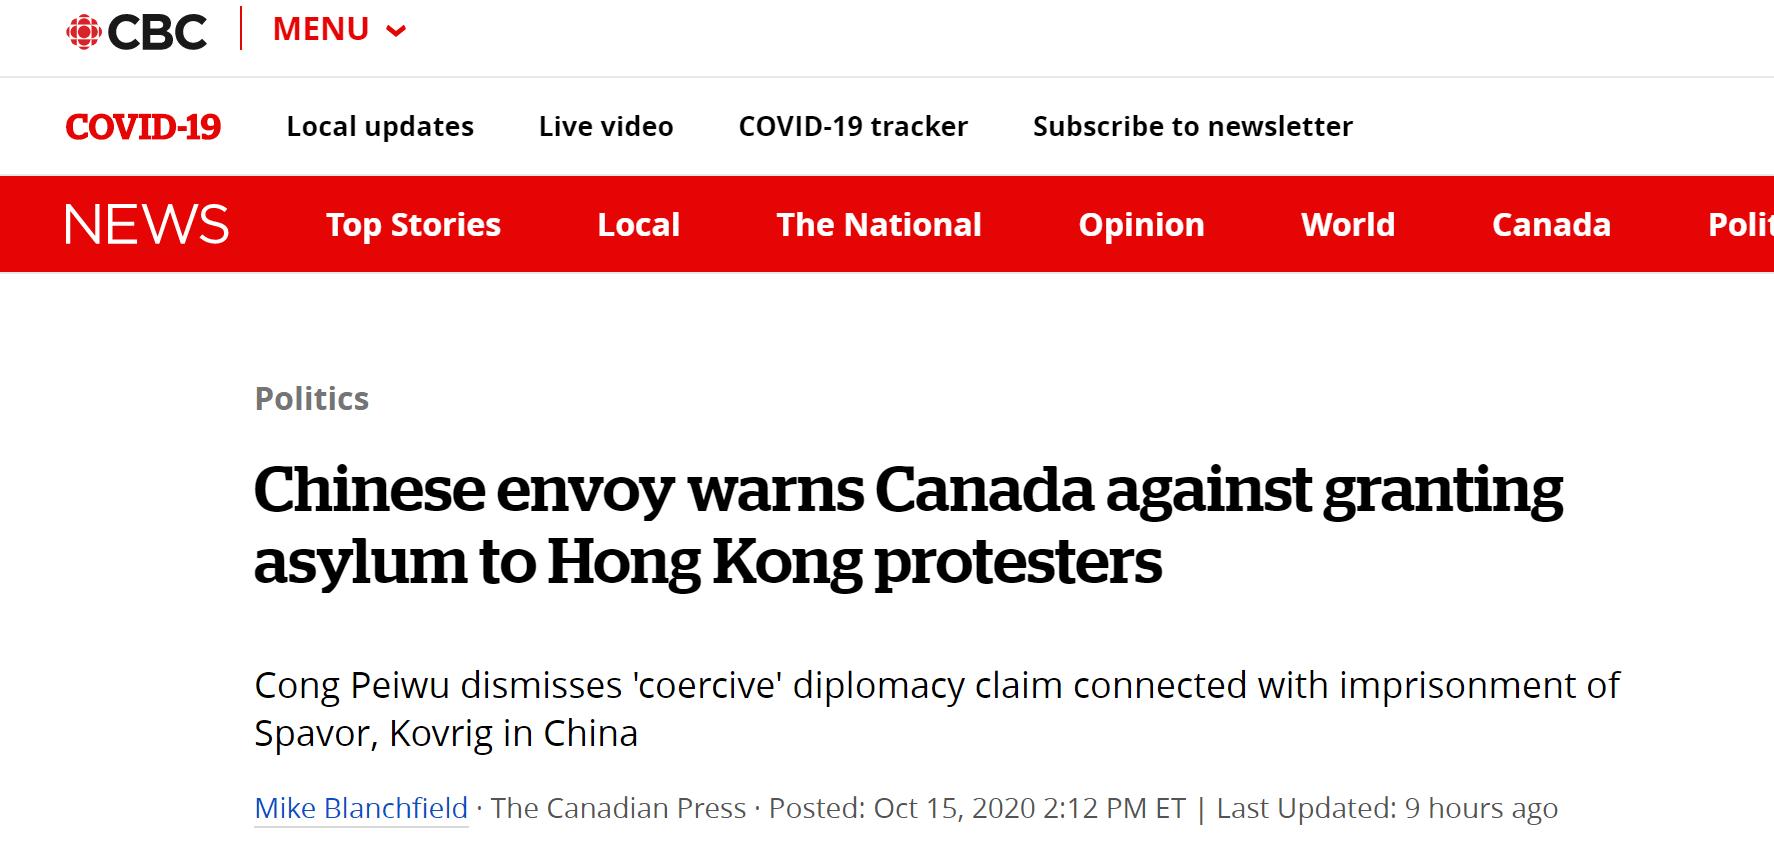 """中国大使警告特鲁多政府不要向香港小偷提供所谓的""""政治关怀"""""""